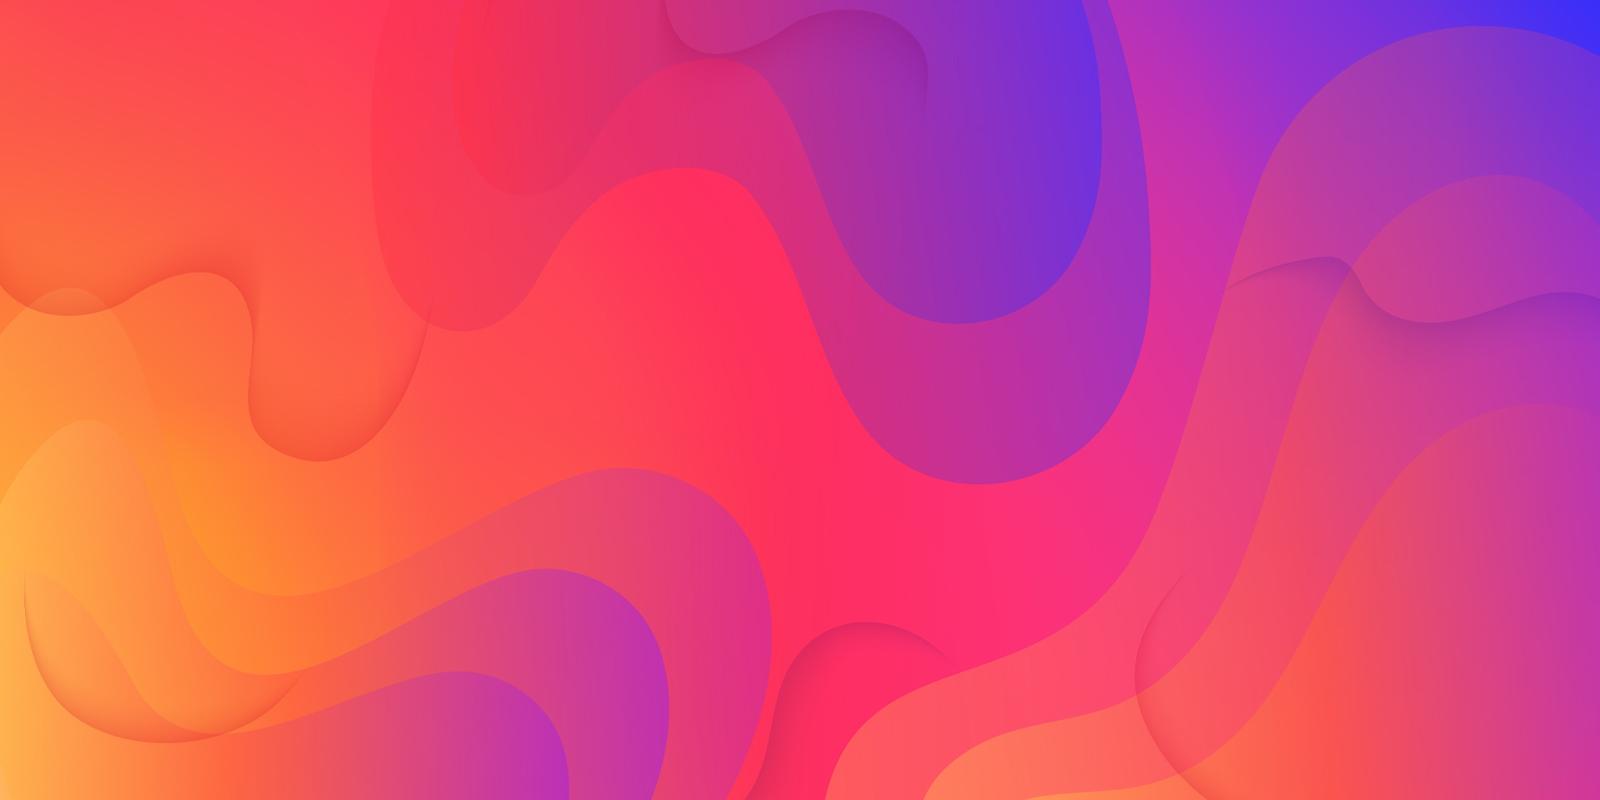 Download Free Vectors, Clipart Graphics, Vector Art & Design.